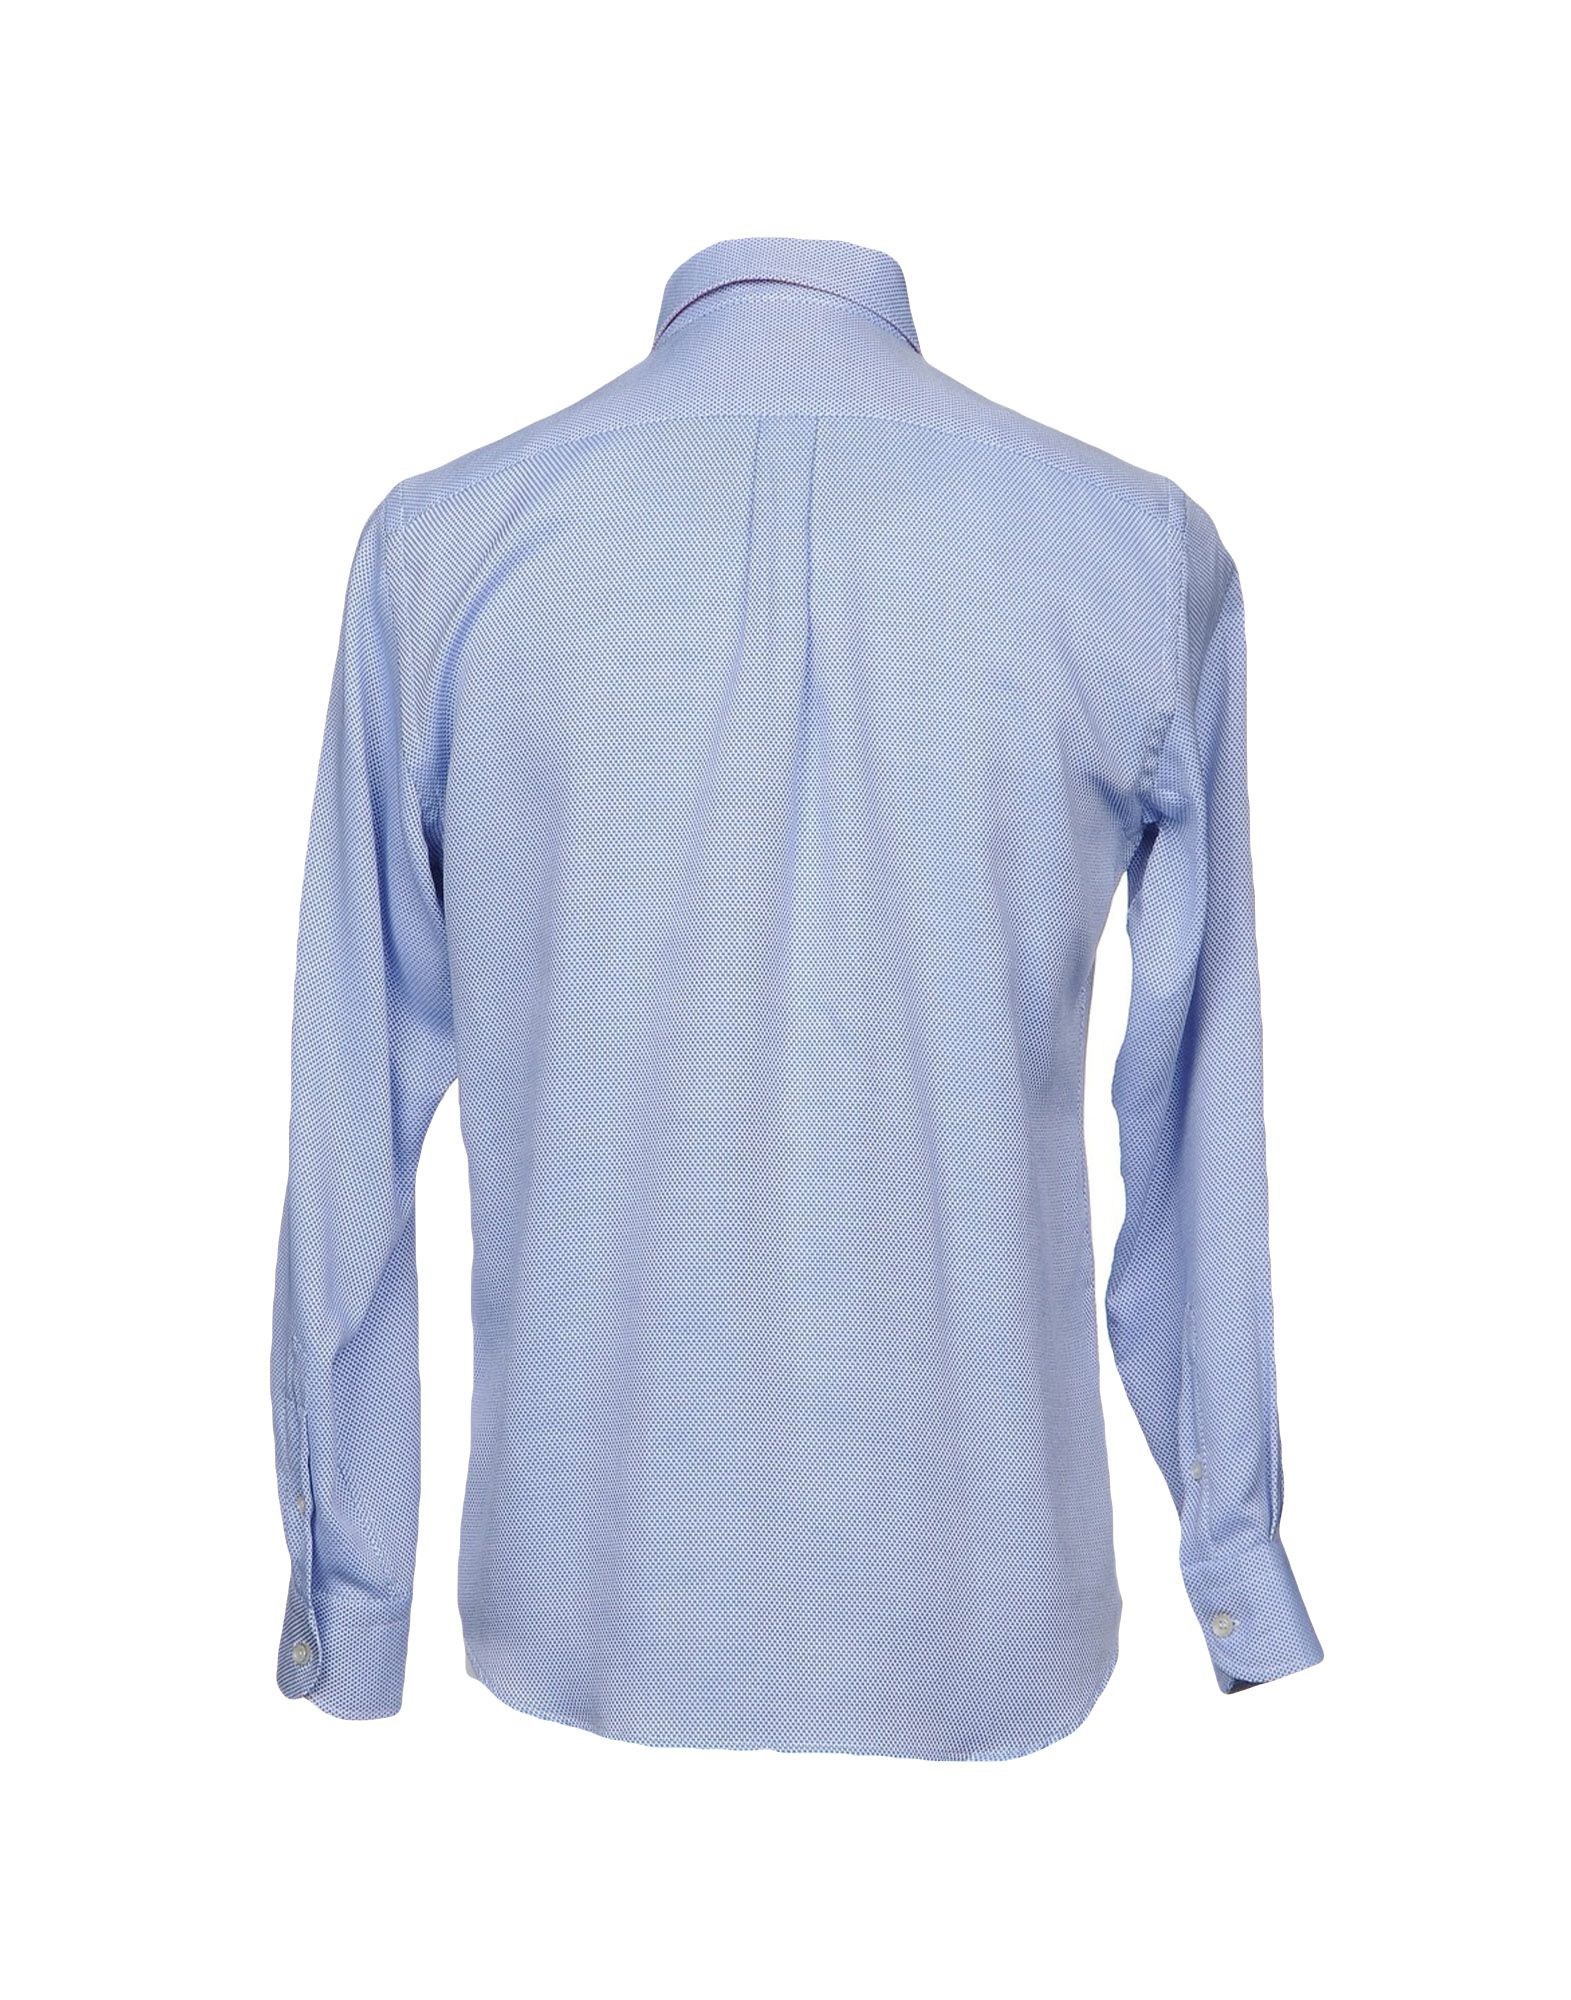 Camicia Tinta Tinta Tinta Unita Harmont&Blaine Uomo - 38680986MJ 398203